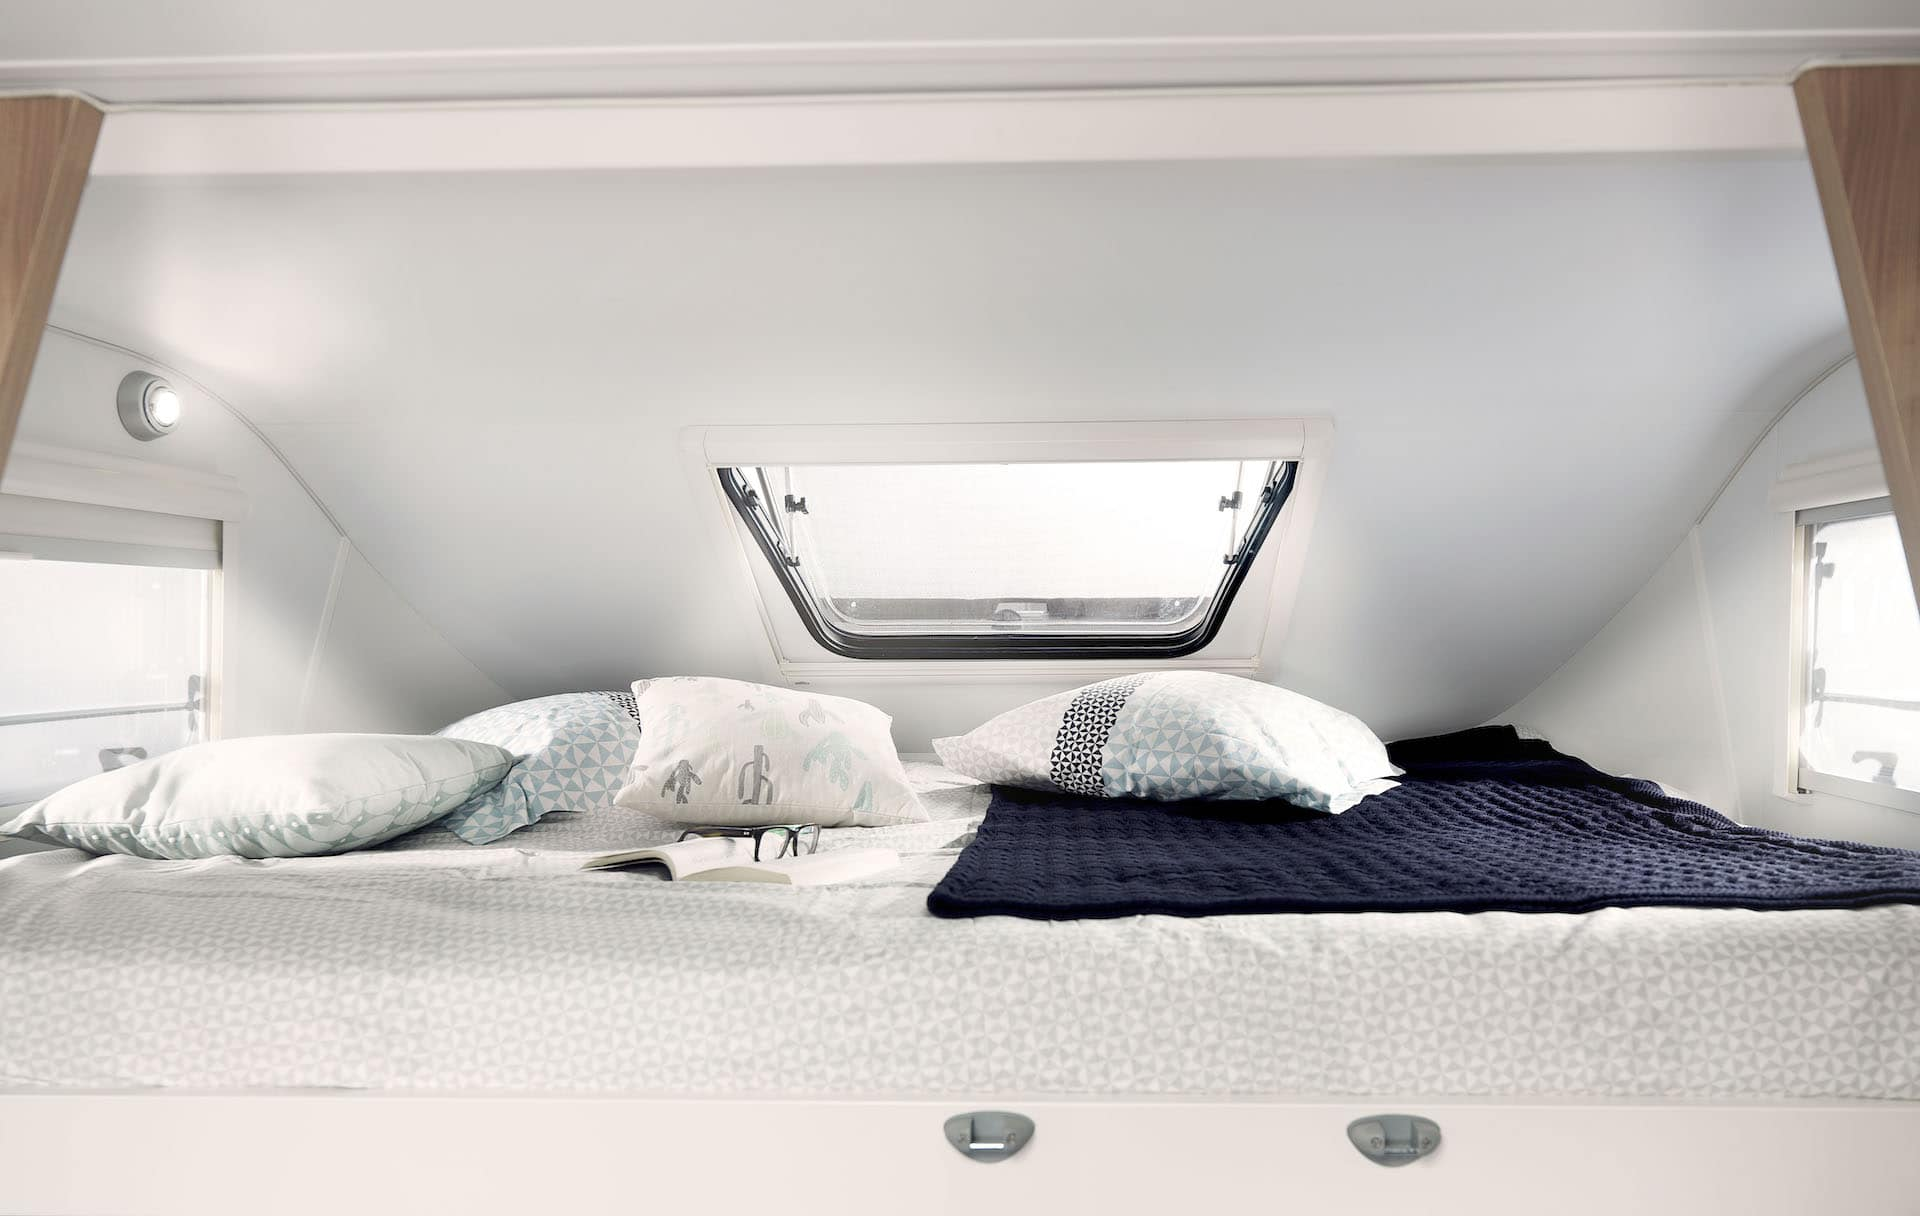 Bettbereich in Reisemobil